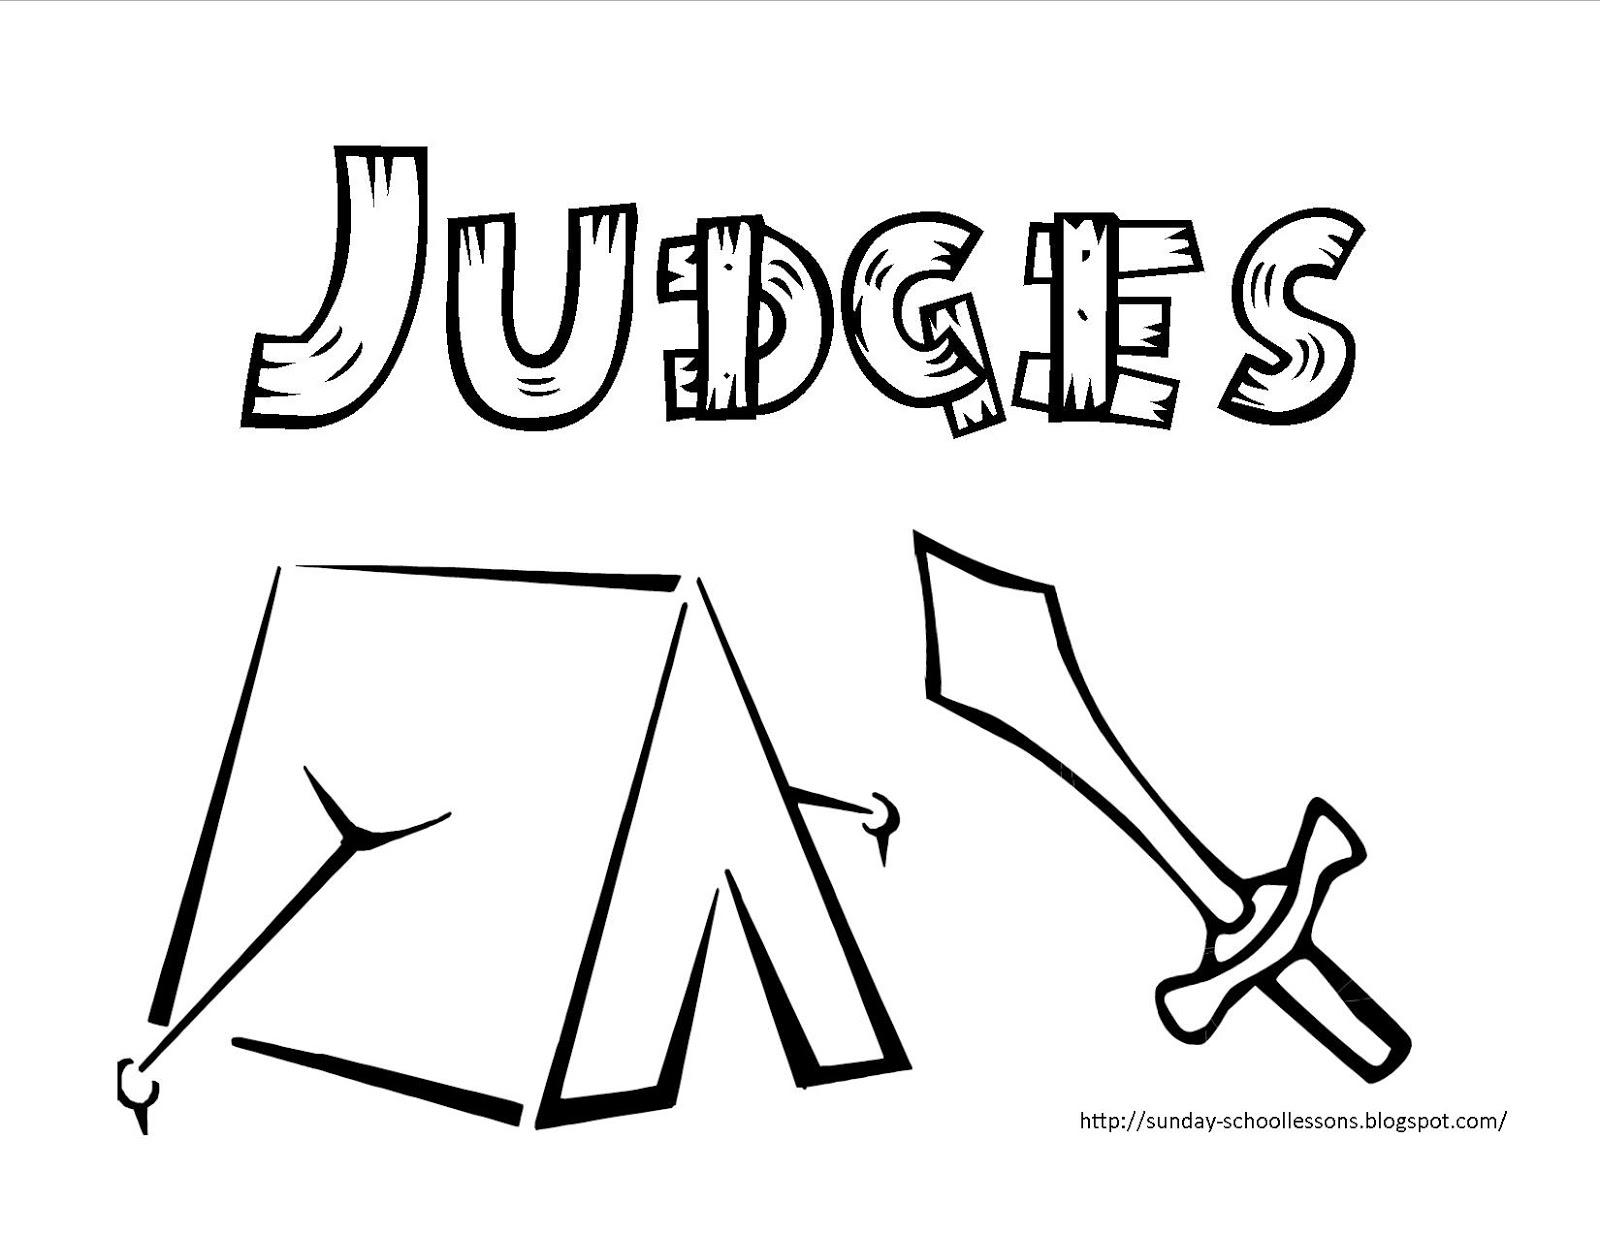 deborah judges 4 coloring pages - photo #10